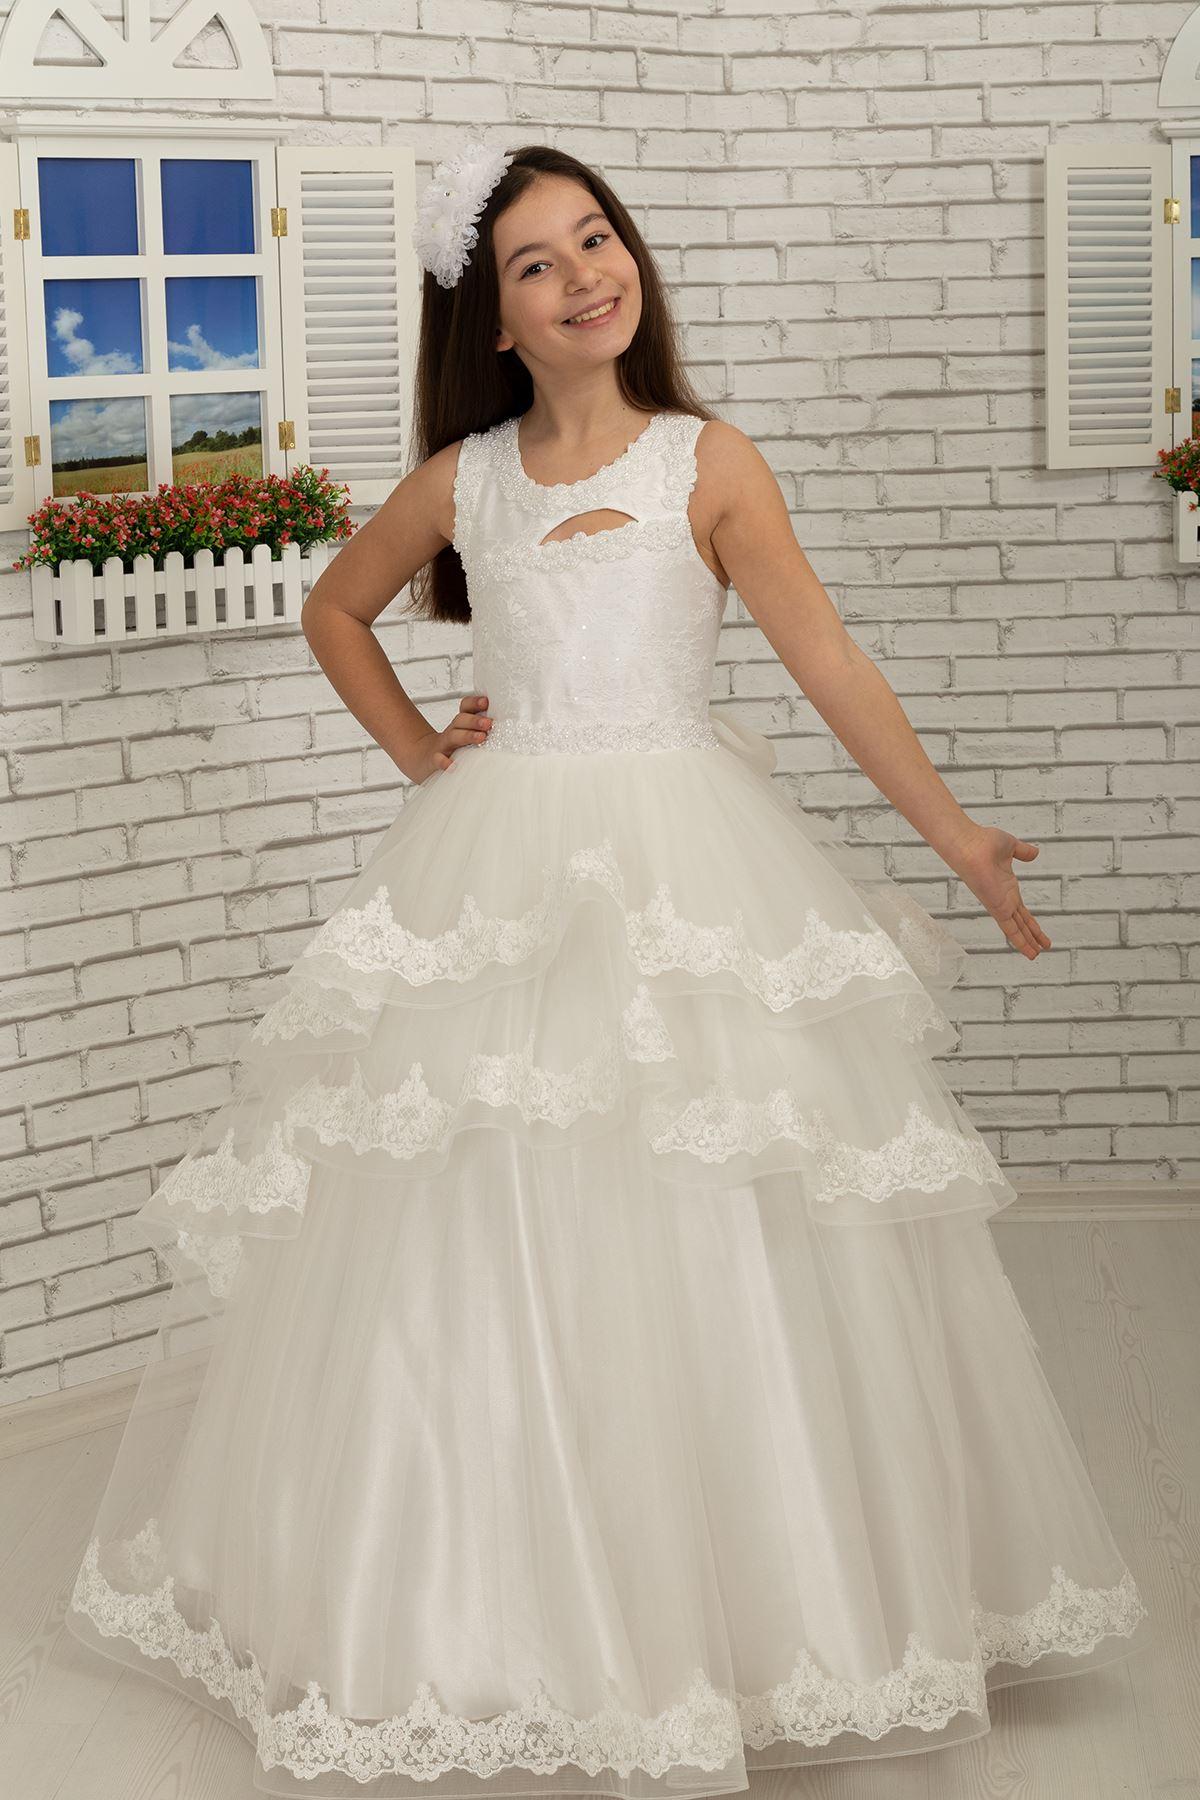 Body детайлно, бродирано, плисирана пола, пухкава вечерна рокля момиче 639 крем